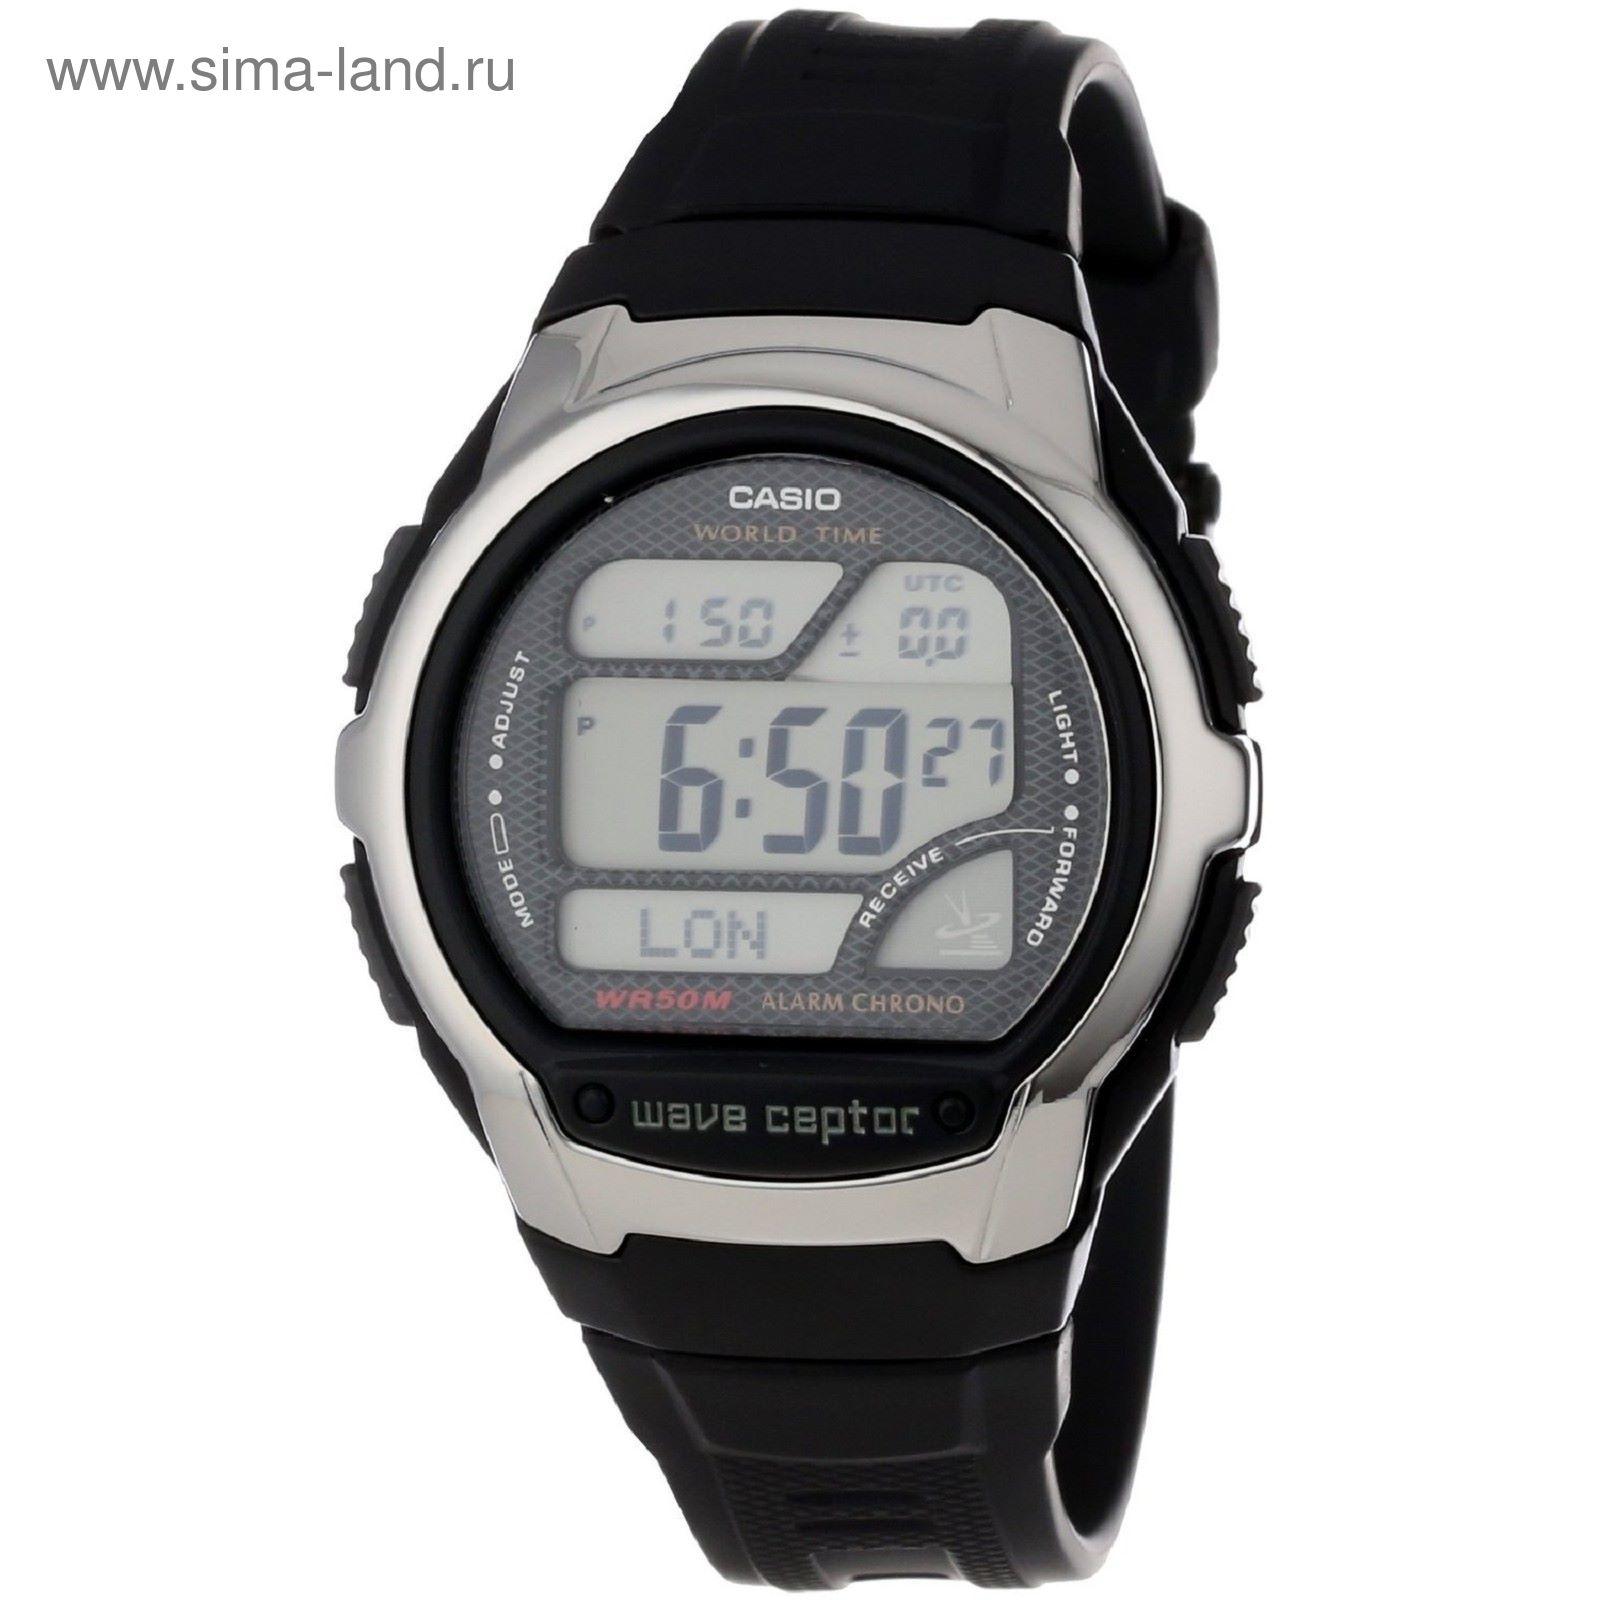 Часы наручные мужские CASIO WV-58E-1A (1739513) - Купить по цене от ... 44d8c27e2a4cb